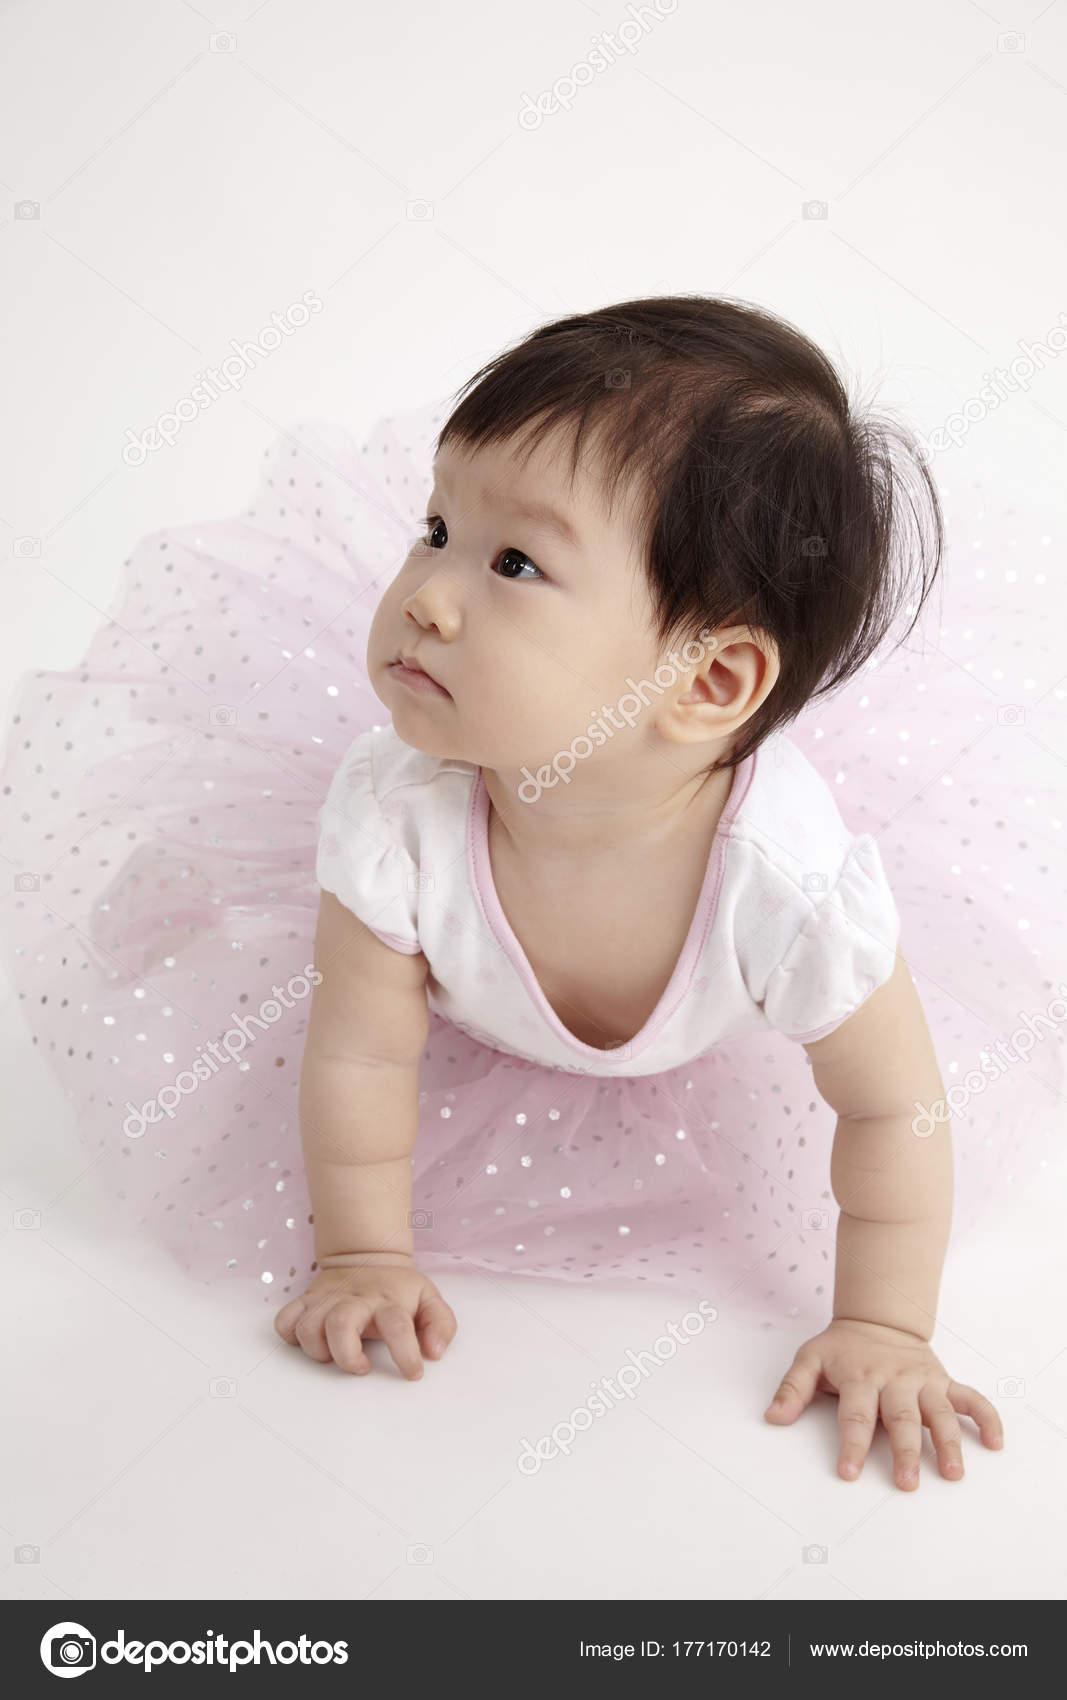 Chinesische Baby Tragen Partykleid — Stockfoto © eskaylim #177170142